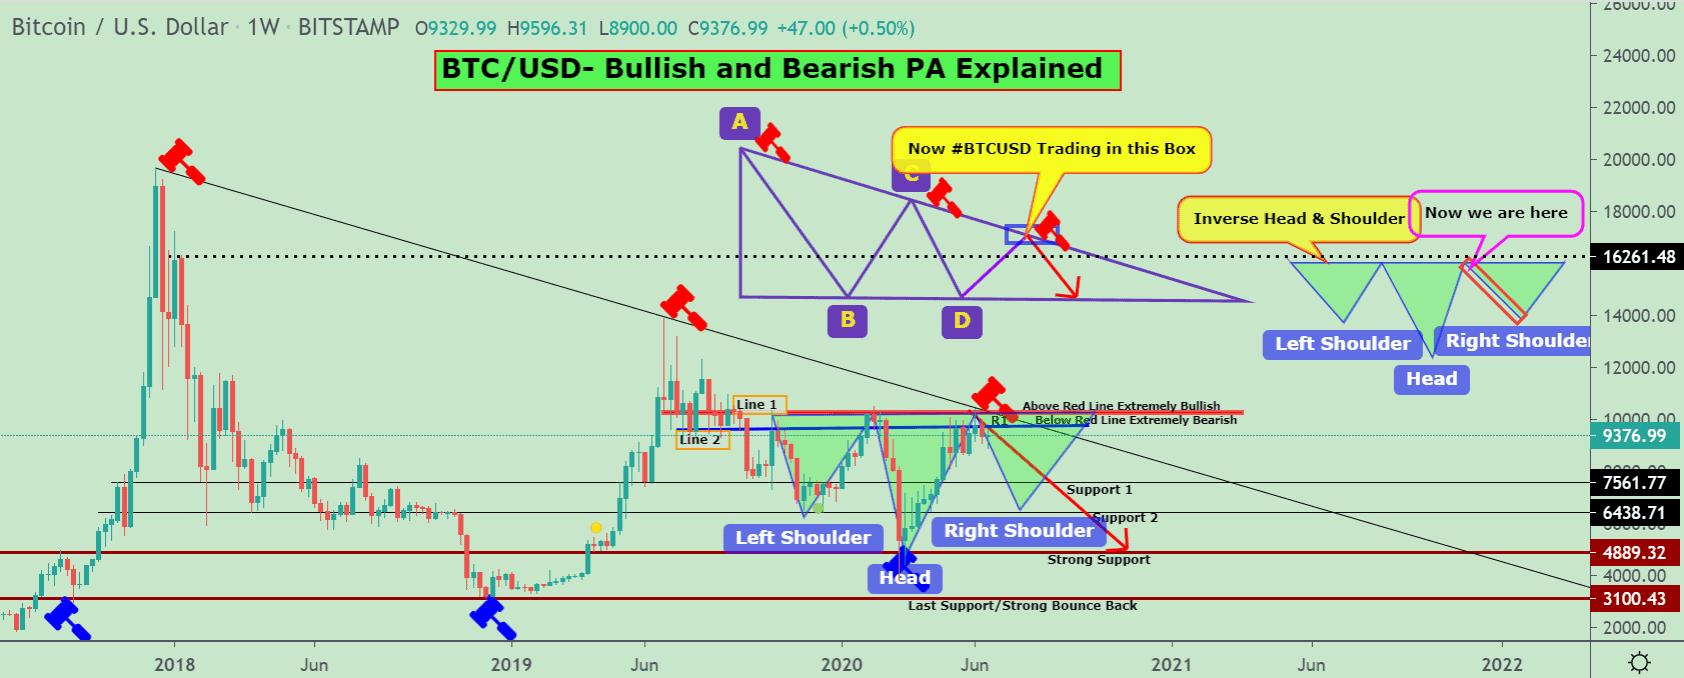 Bitcoin price chart 2 - 19 June